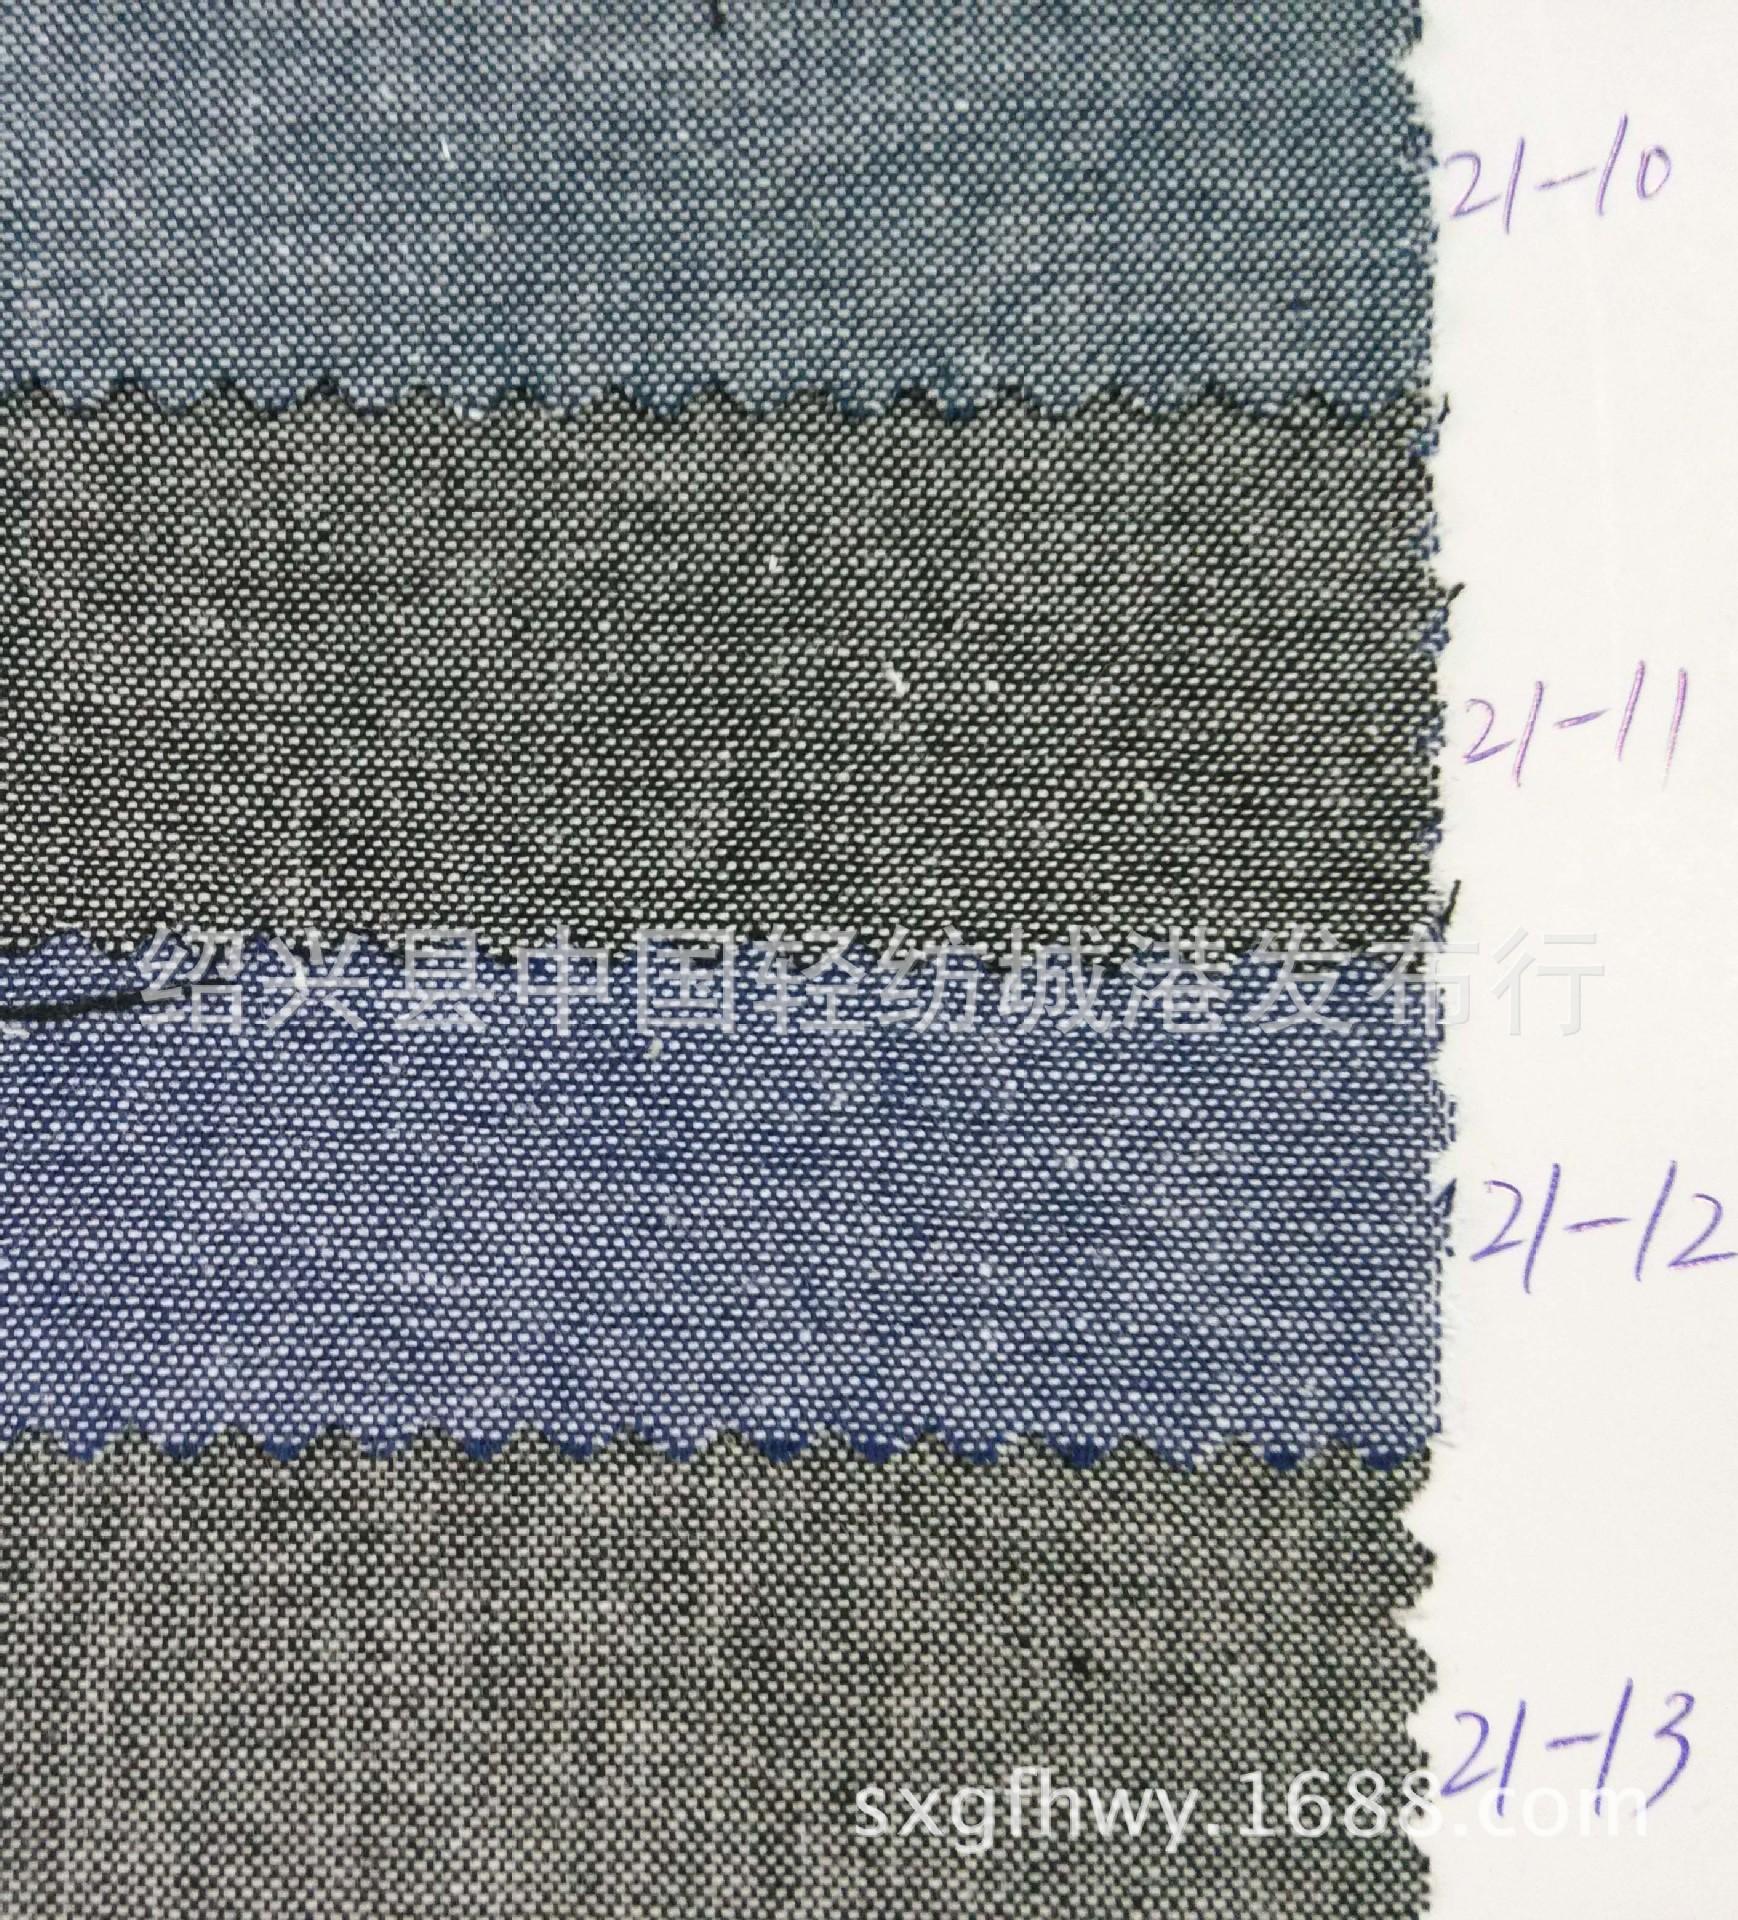 全棉,涤棉色织 青年布 衬衫面料布料牛津纺面料 现货批发